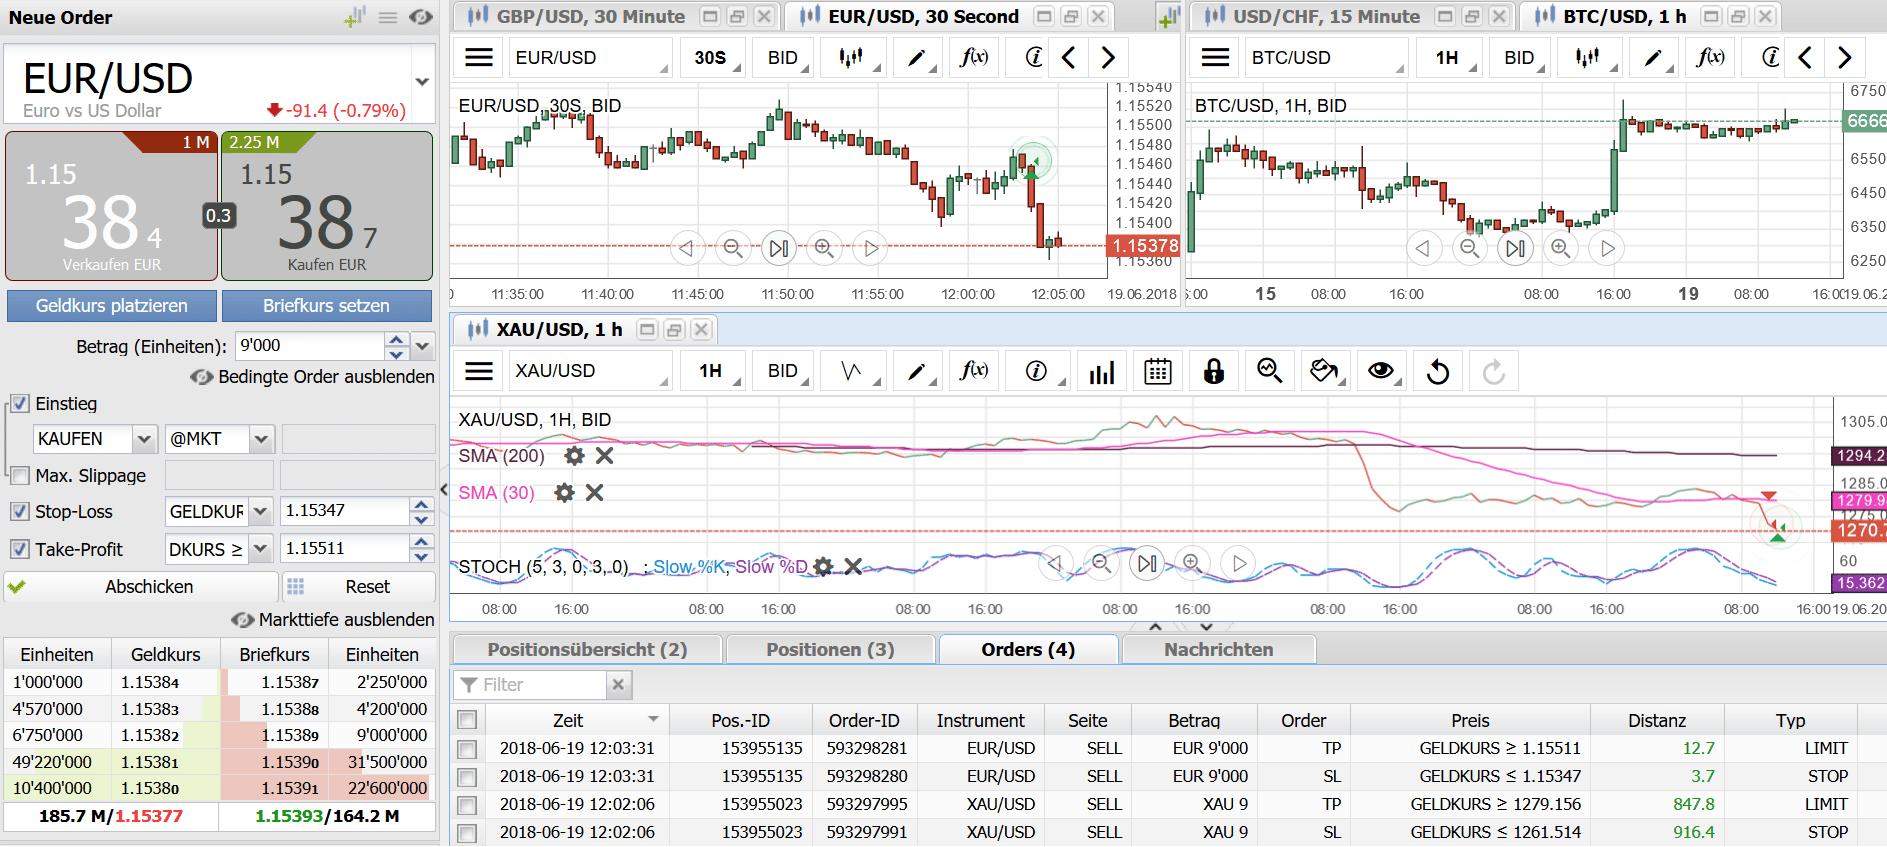 Ordermaske, Orderübersicht und verschiedene Charts im Webtrader JForex3